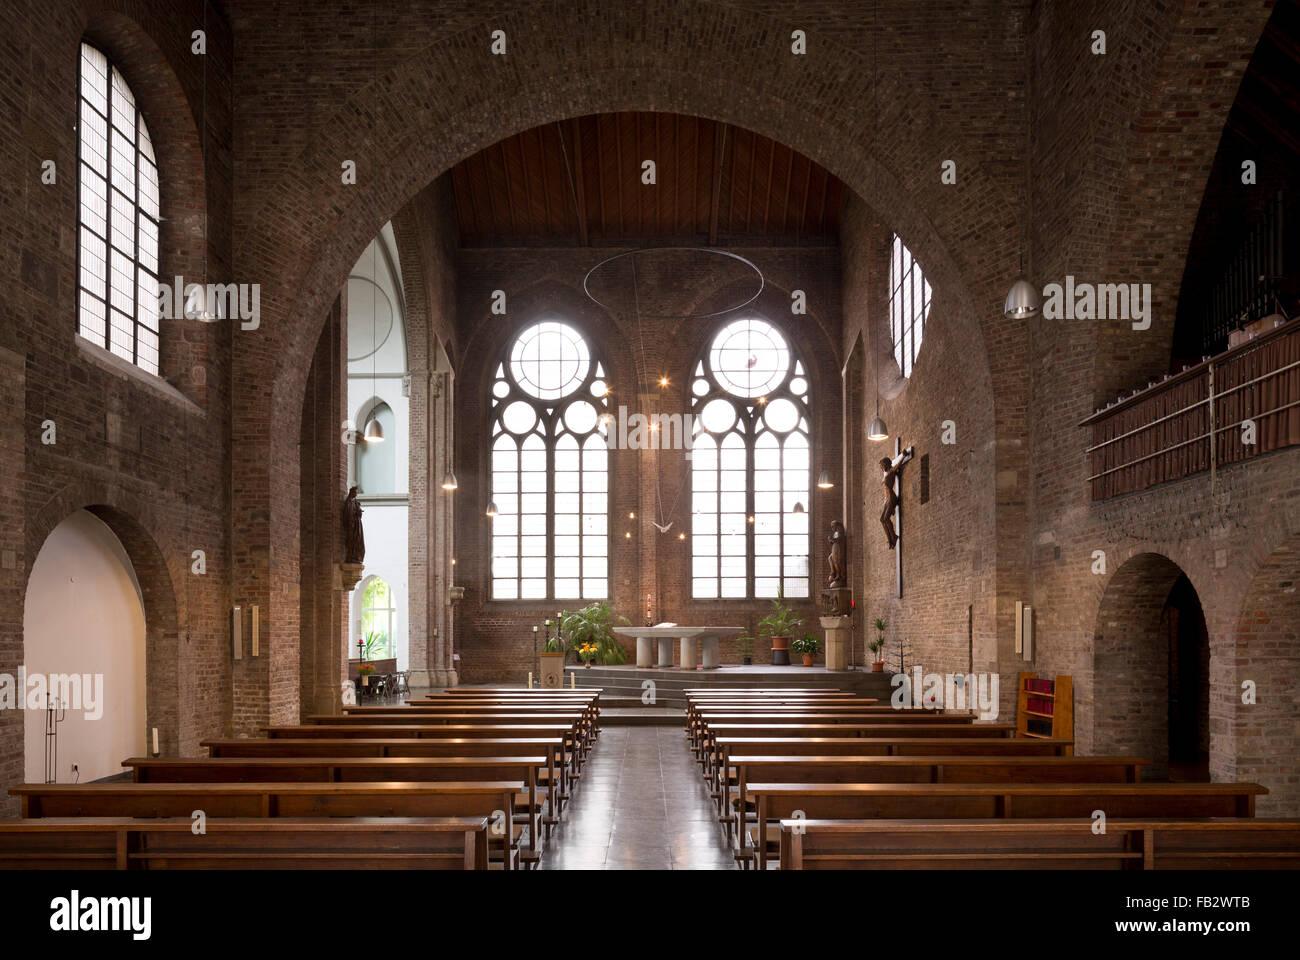 Köln, Franziskanerkirche St. Marien (Zum unbefleckten Herzen Mariens) - Stock Image